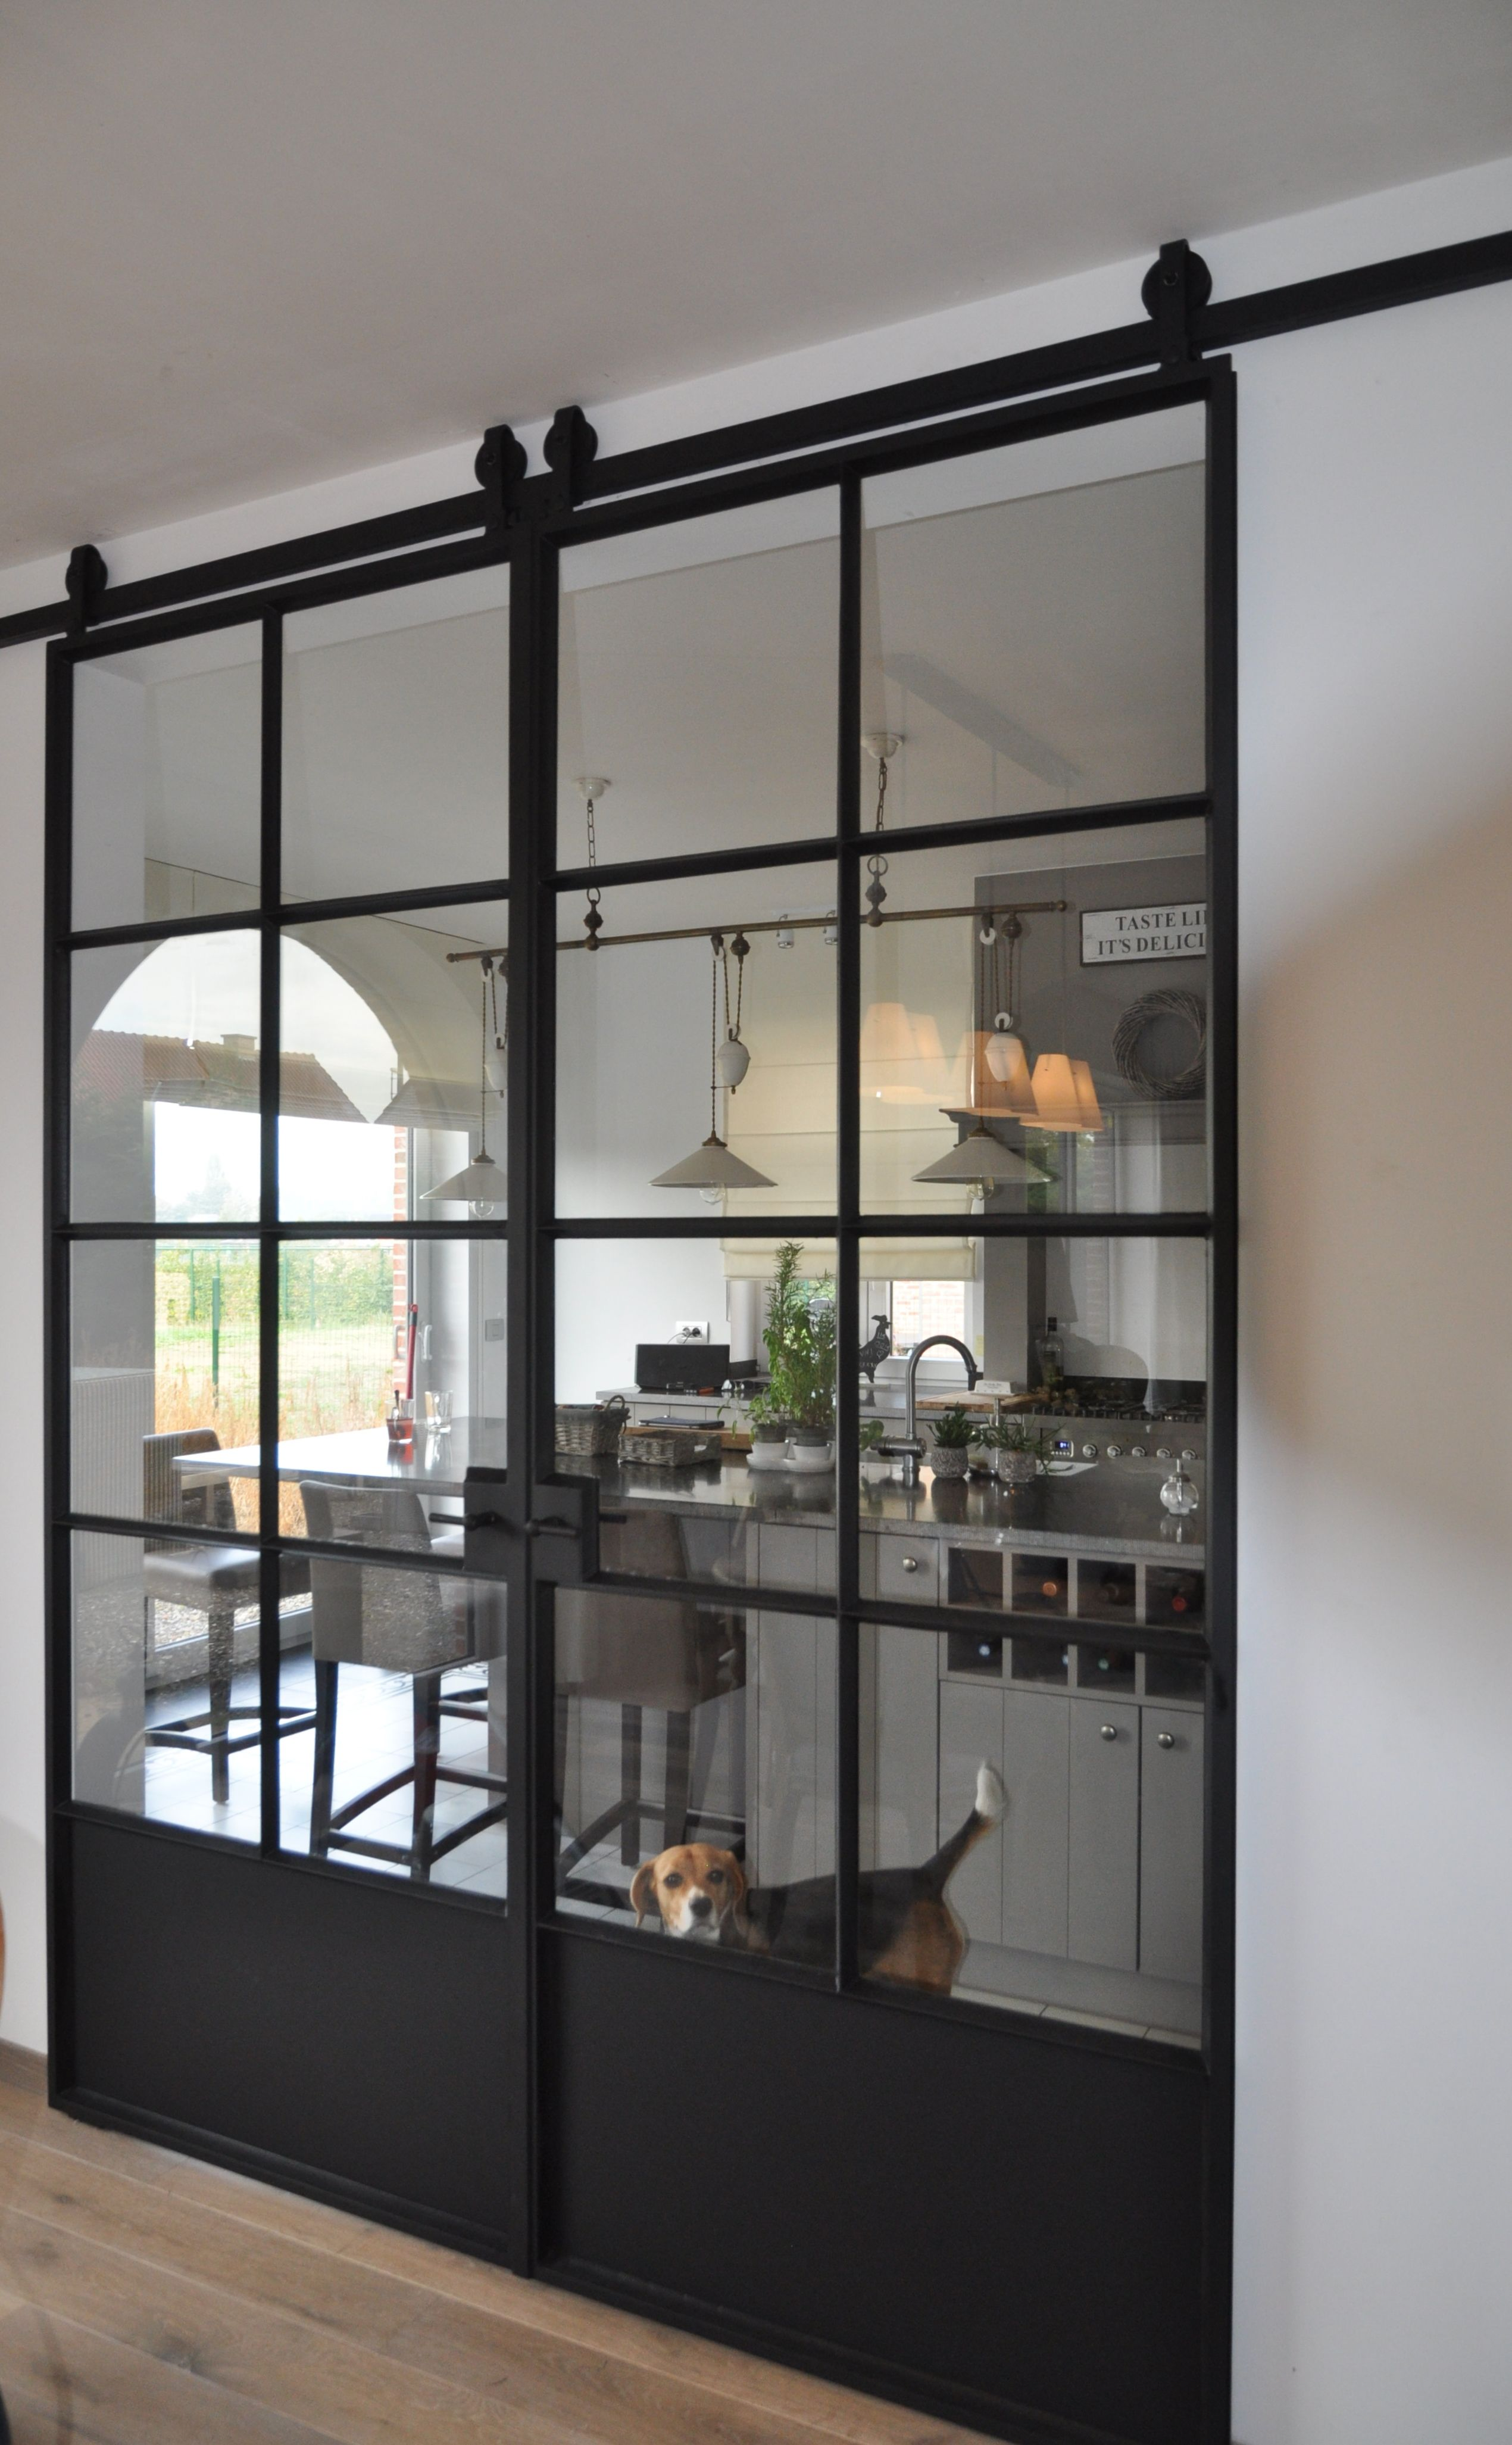 VIVE Estudio ha realizado la reforma de esta vivienda antes dos eligiendo para ella una paleta cromática de gris y blancos con un toque de cálido…